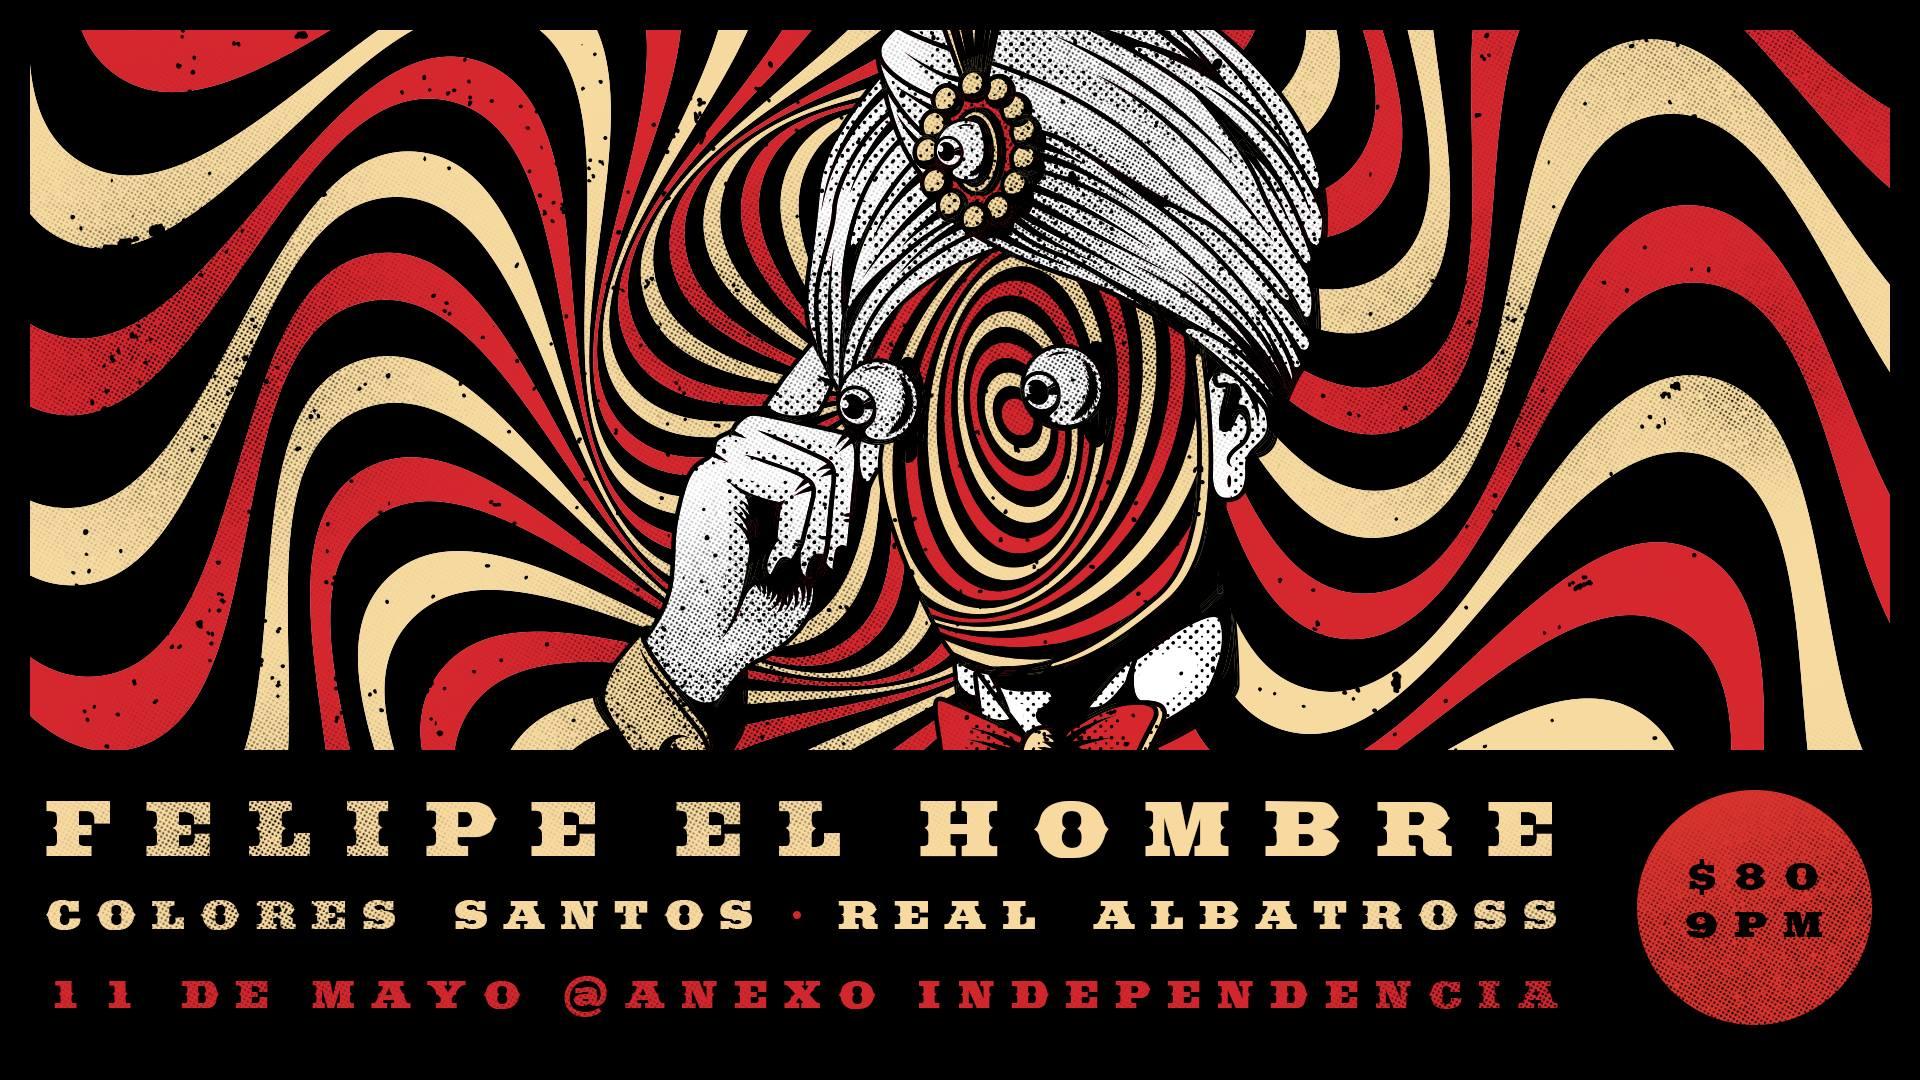 Felipe el Hombre / Foro Independencia